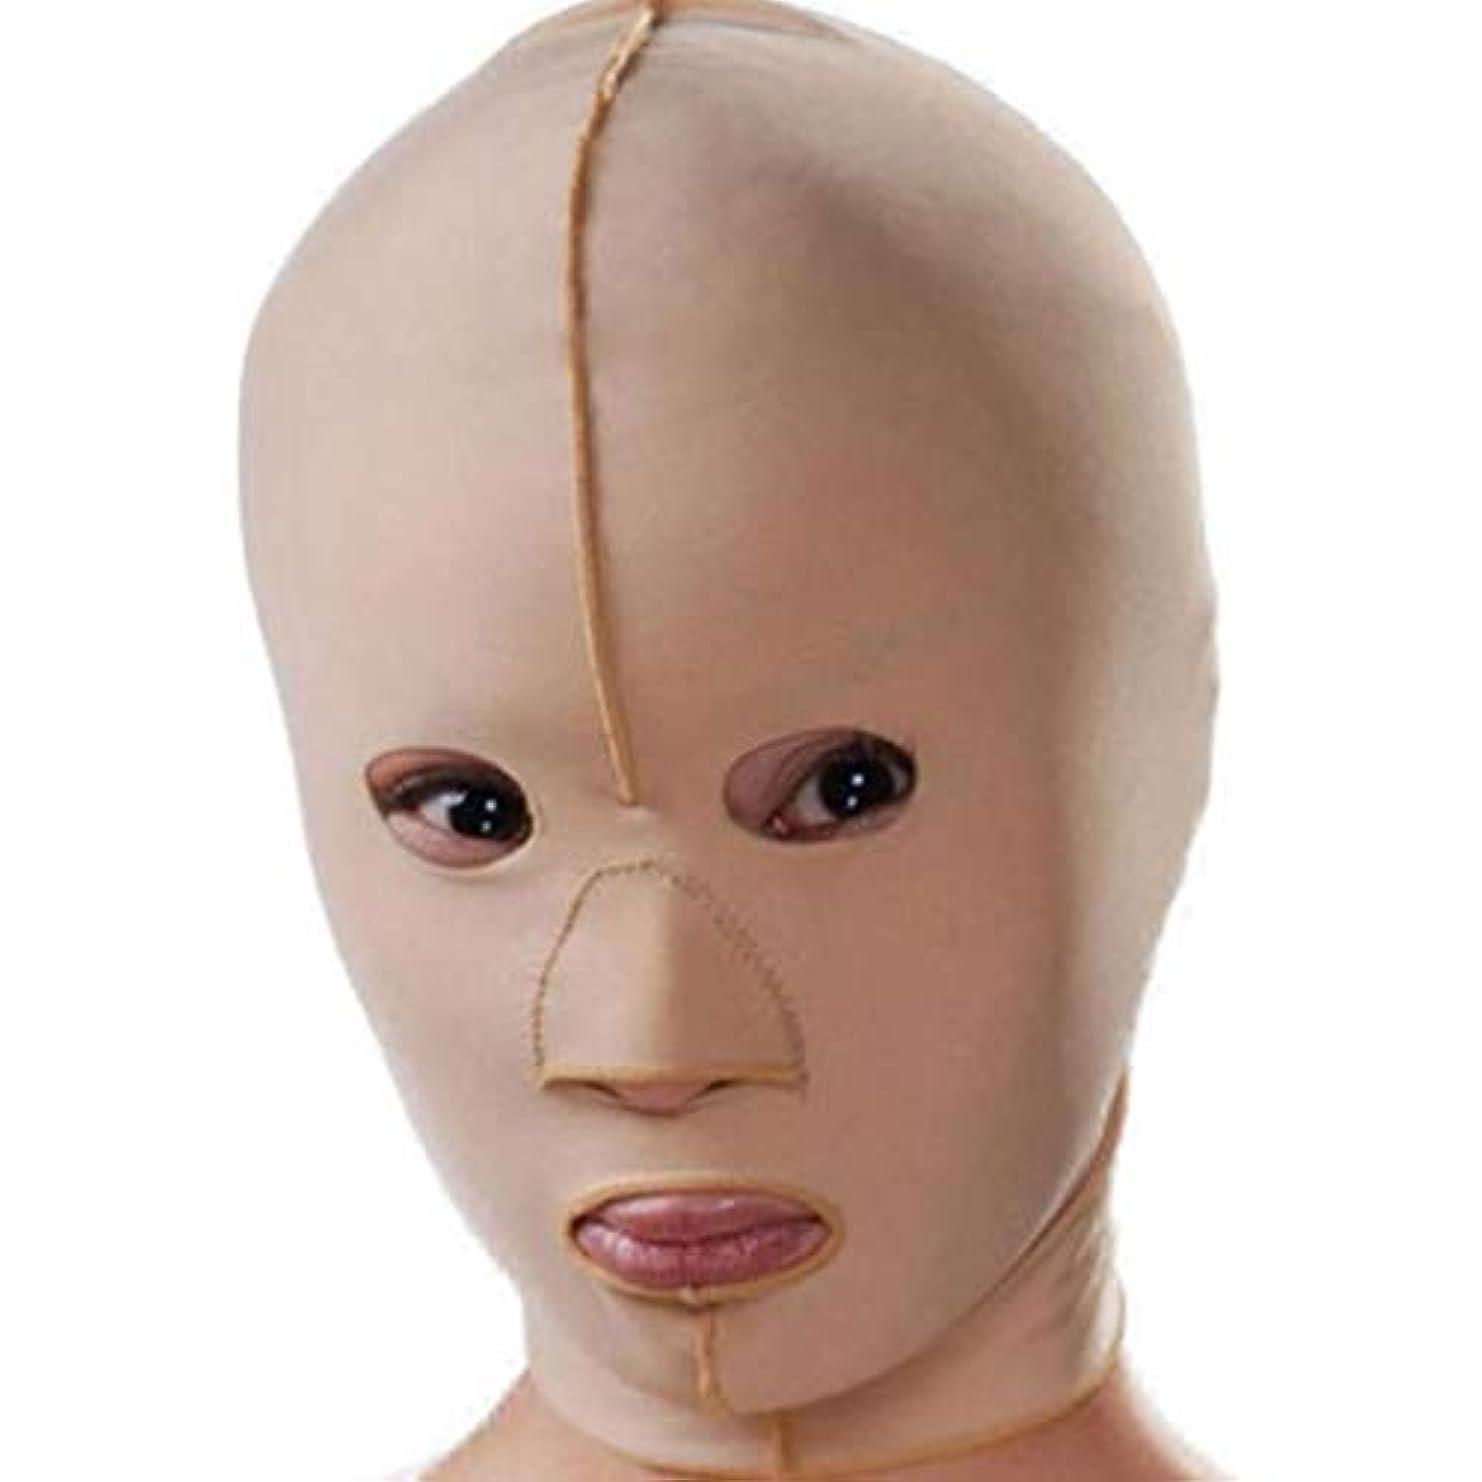 クック吐き出す豆痩身包帯、マスク薄いフェイスマスクリフティングダブルあご引き締め顔面プラスチックフェイスアーティファクト強力なフェイス包帯